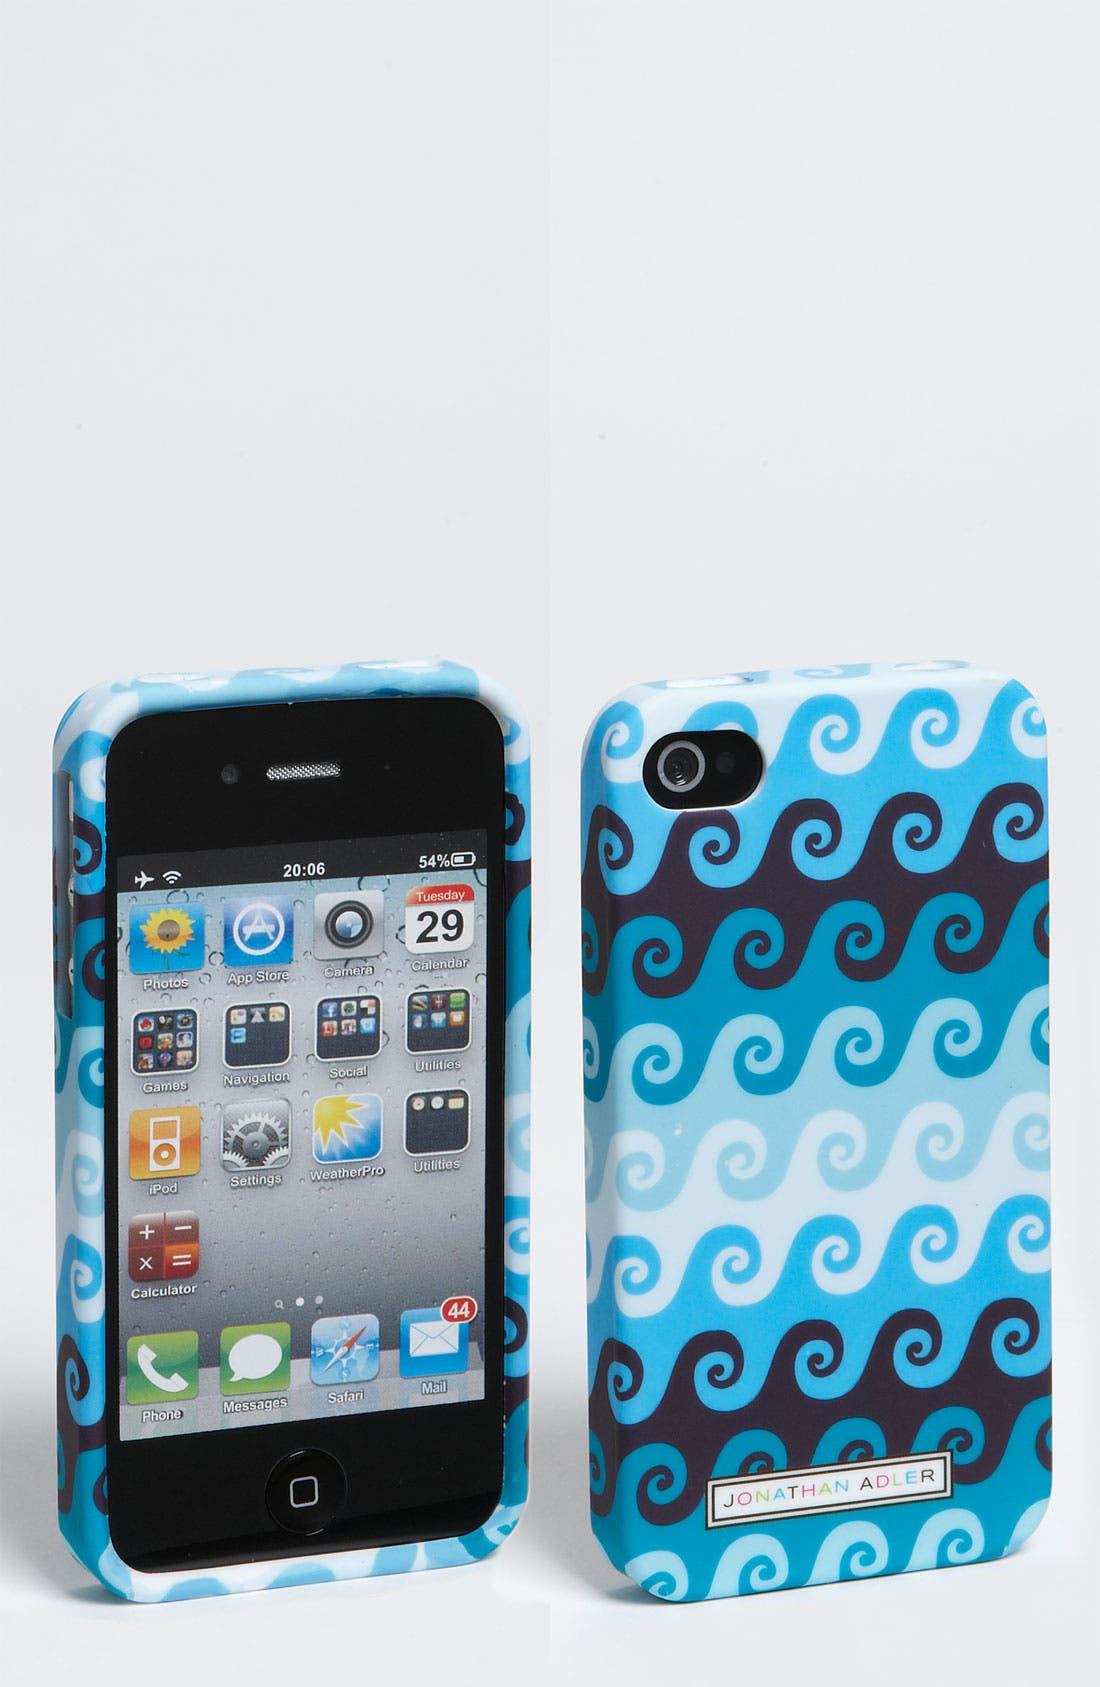 Alternate Image 1 Selected - Jonathan Adler 'Swirls' iPhone 4 & 4S Case